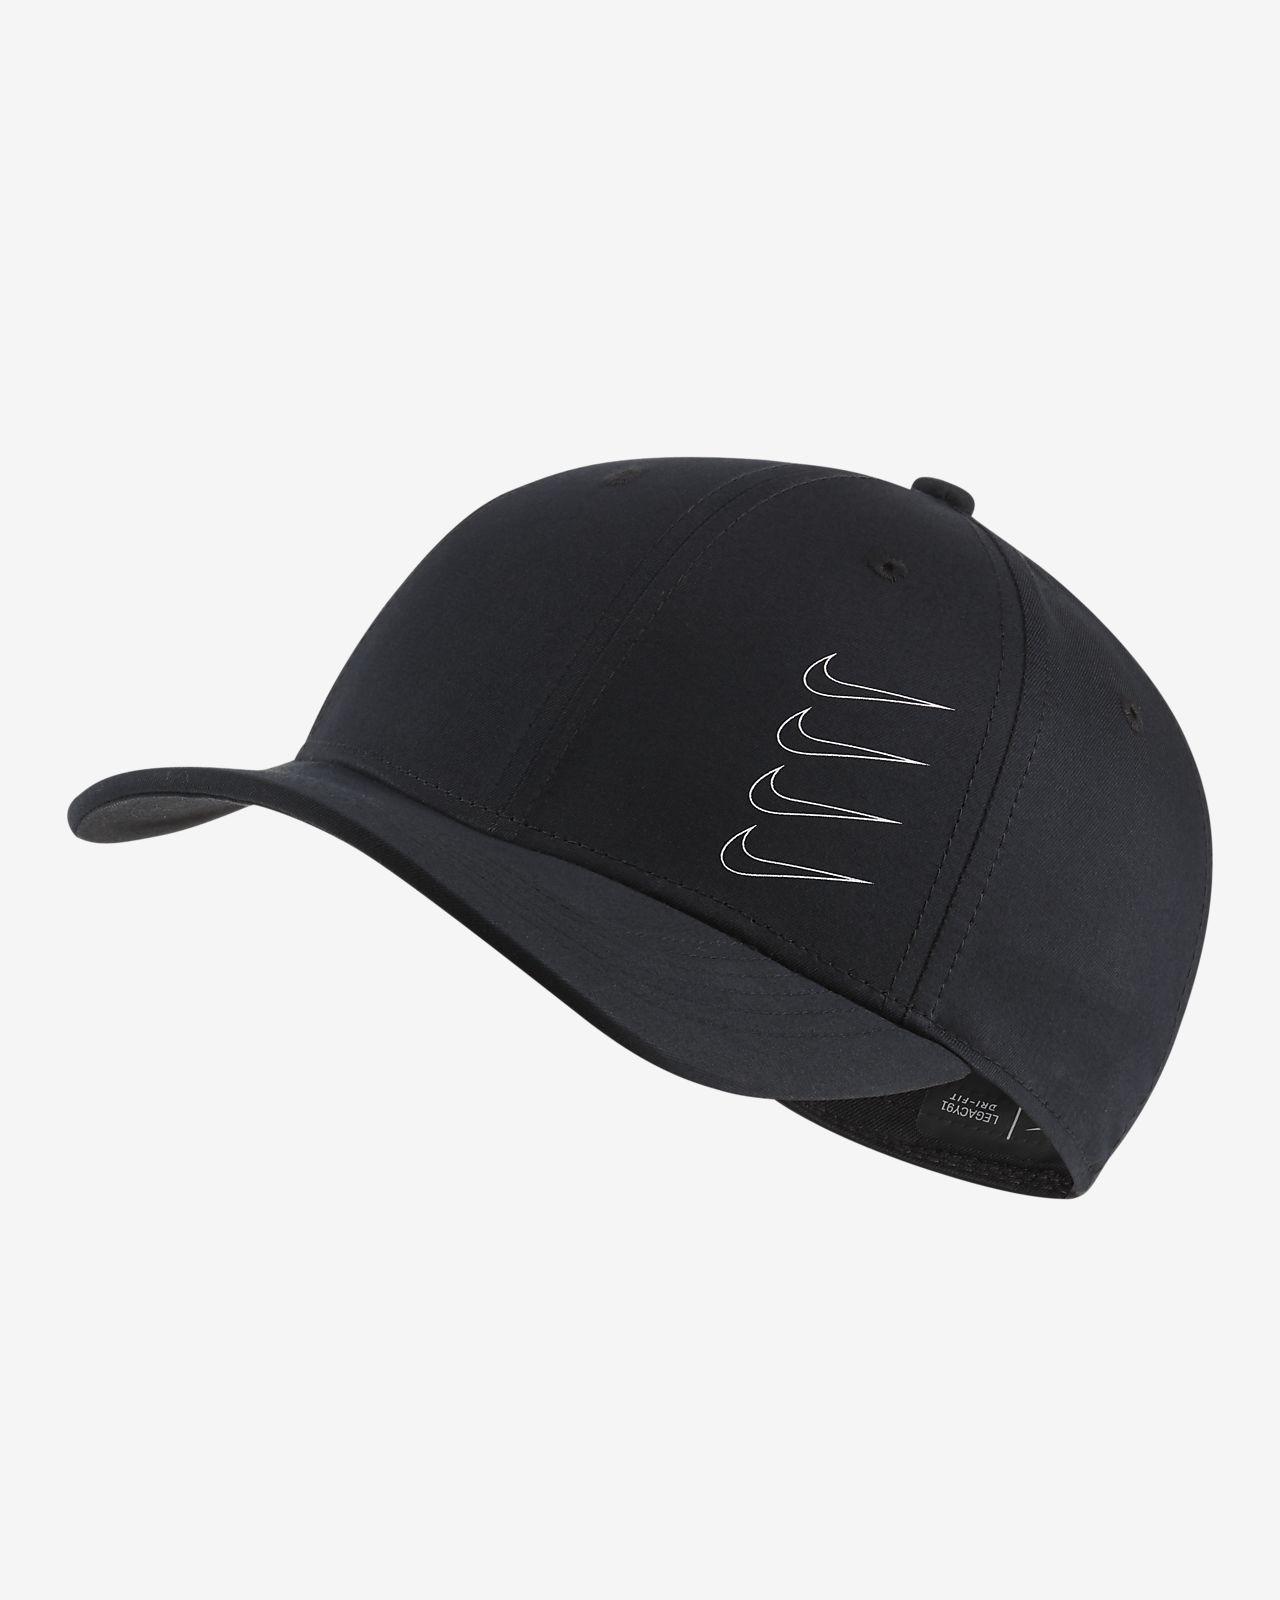 Nike AeroBill Legacy91 Adjustable Hat